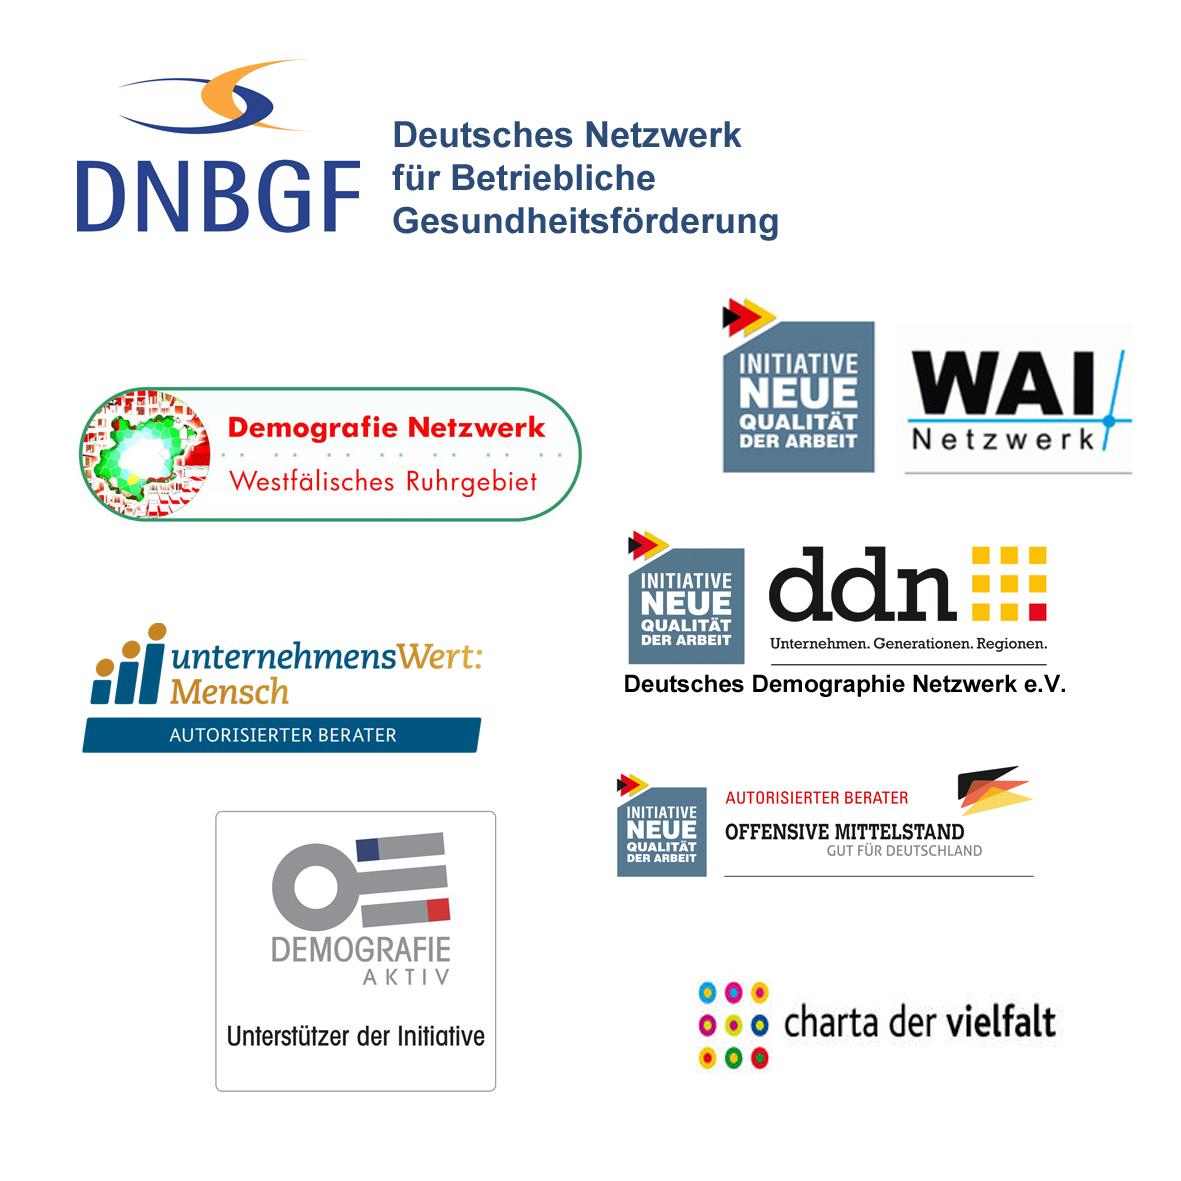 Netzwerke zur Demografieberatung